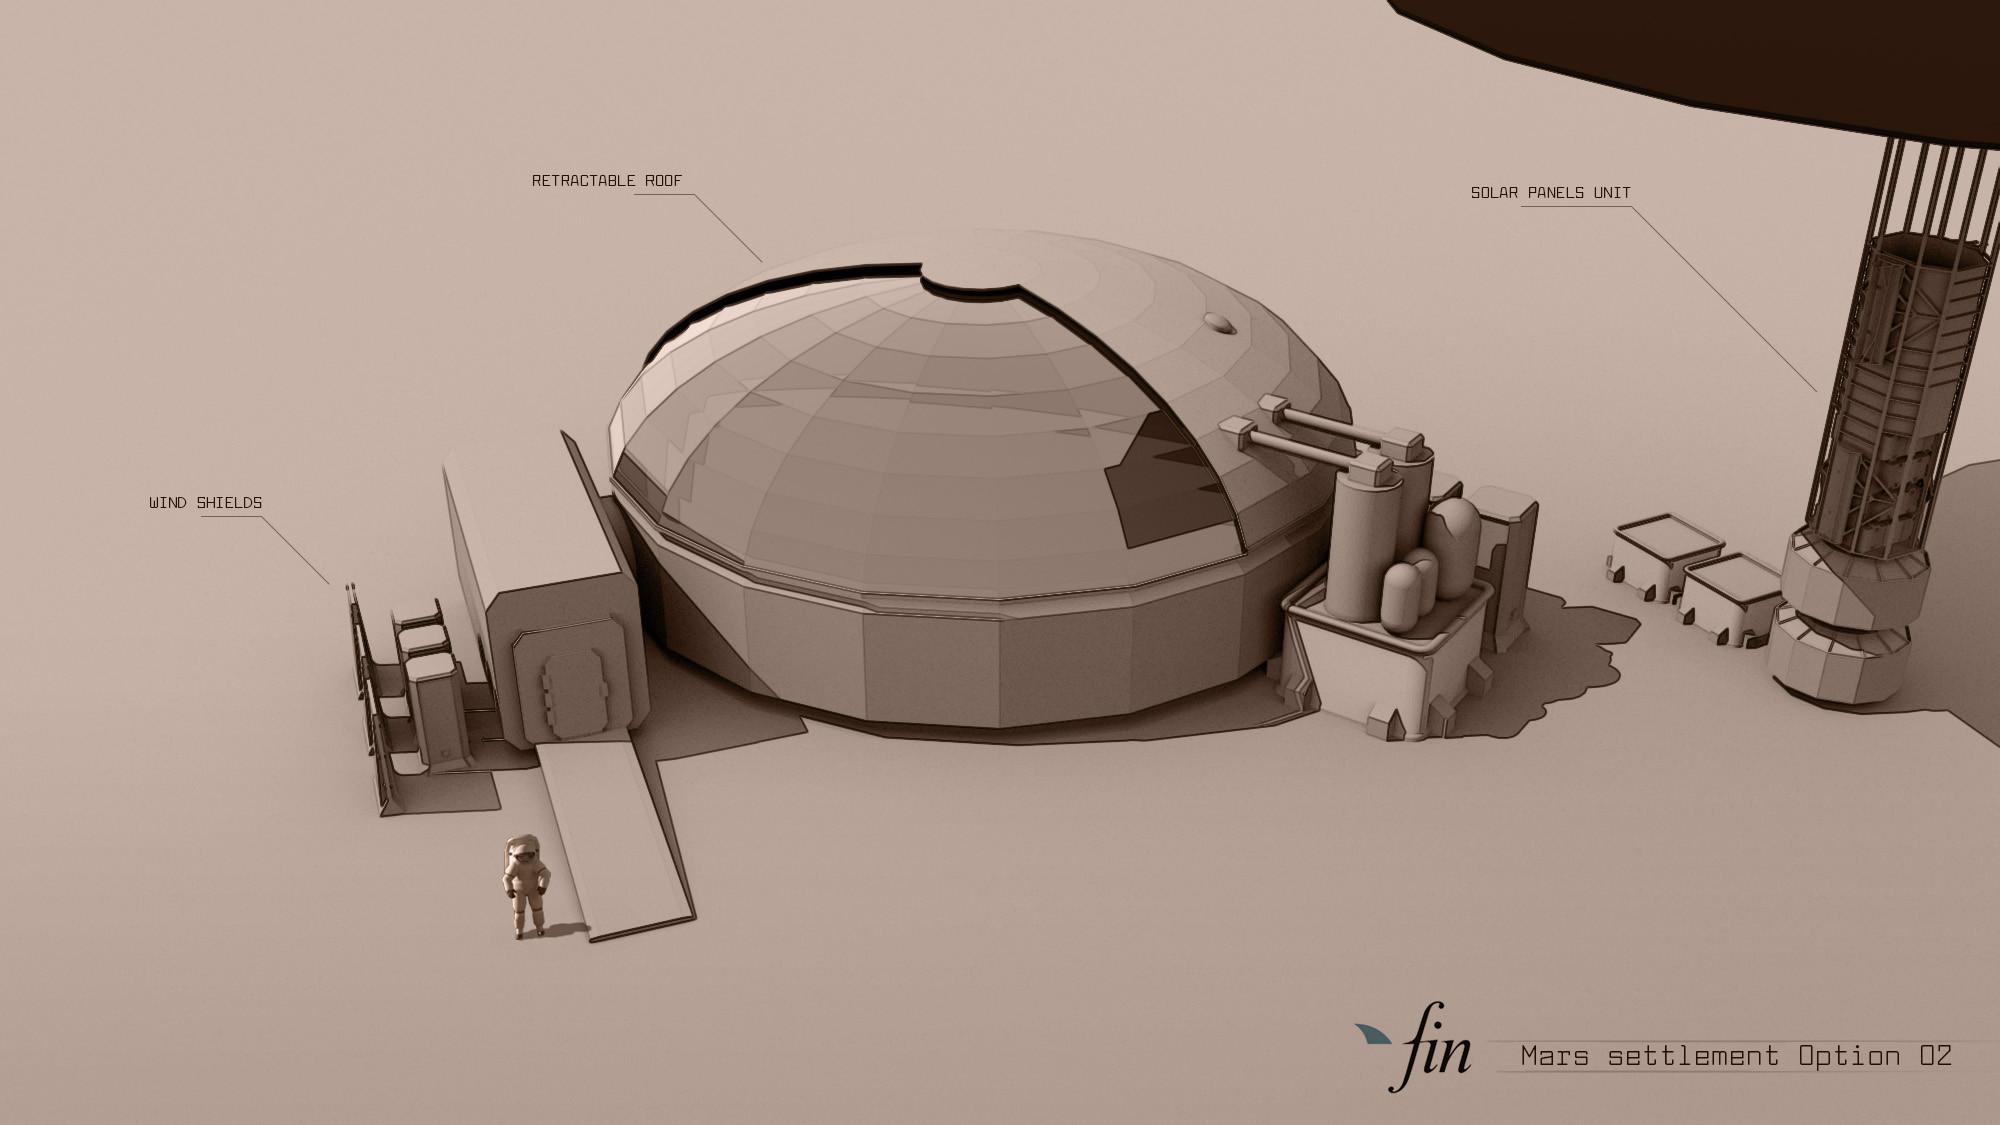 Mars settlement variation 02